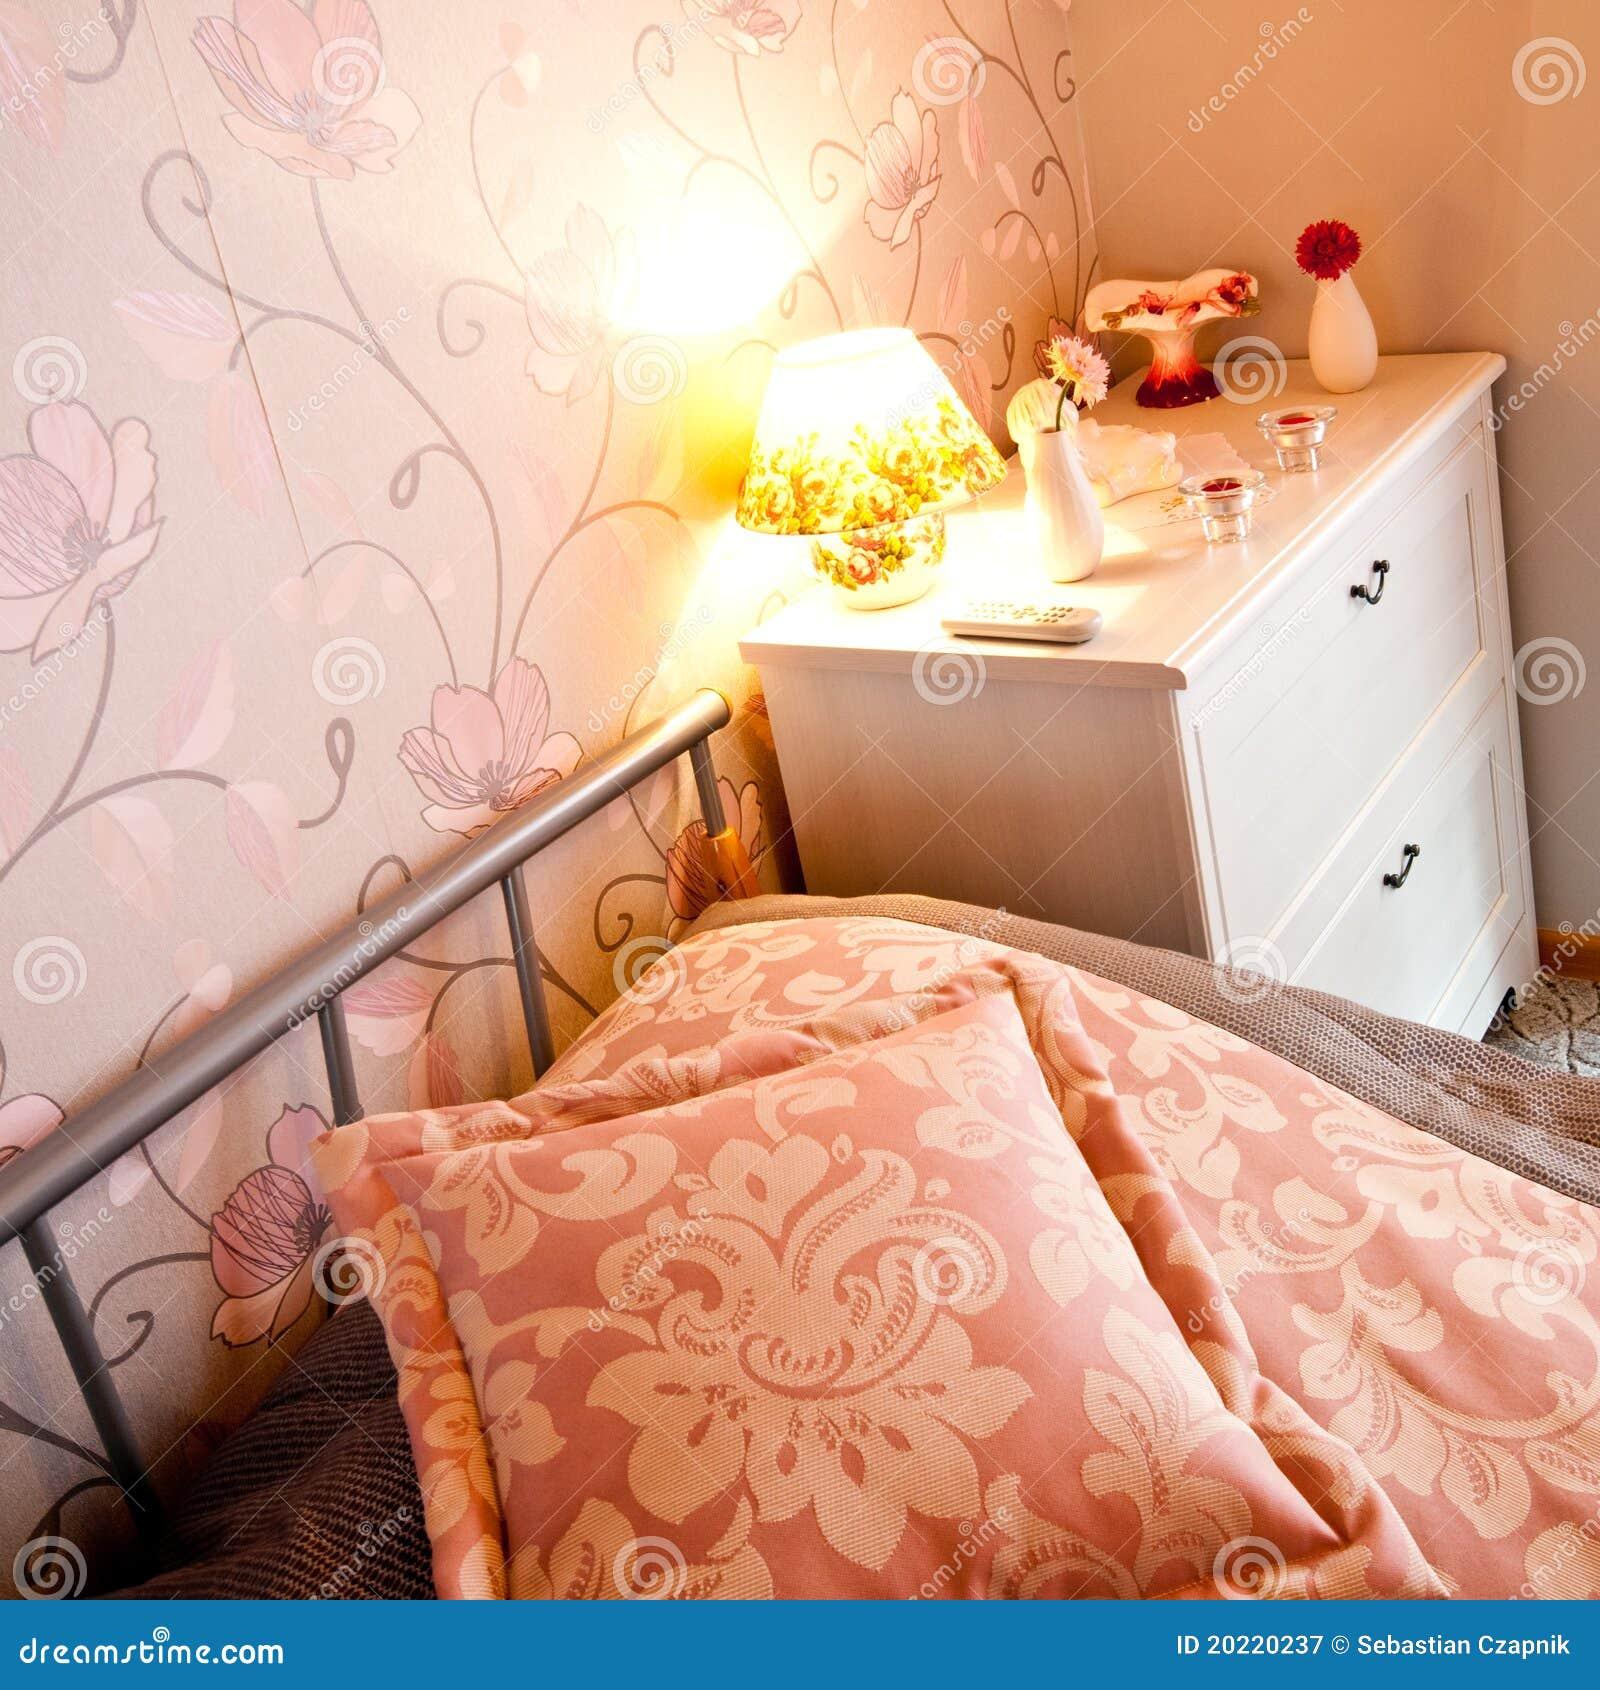 Particolare della camera da letto immagine stock immagine di base elegante 20220237 - Descrizione della camera da letto ...